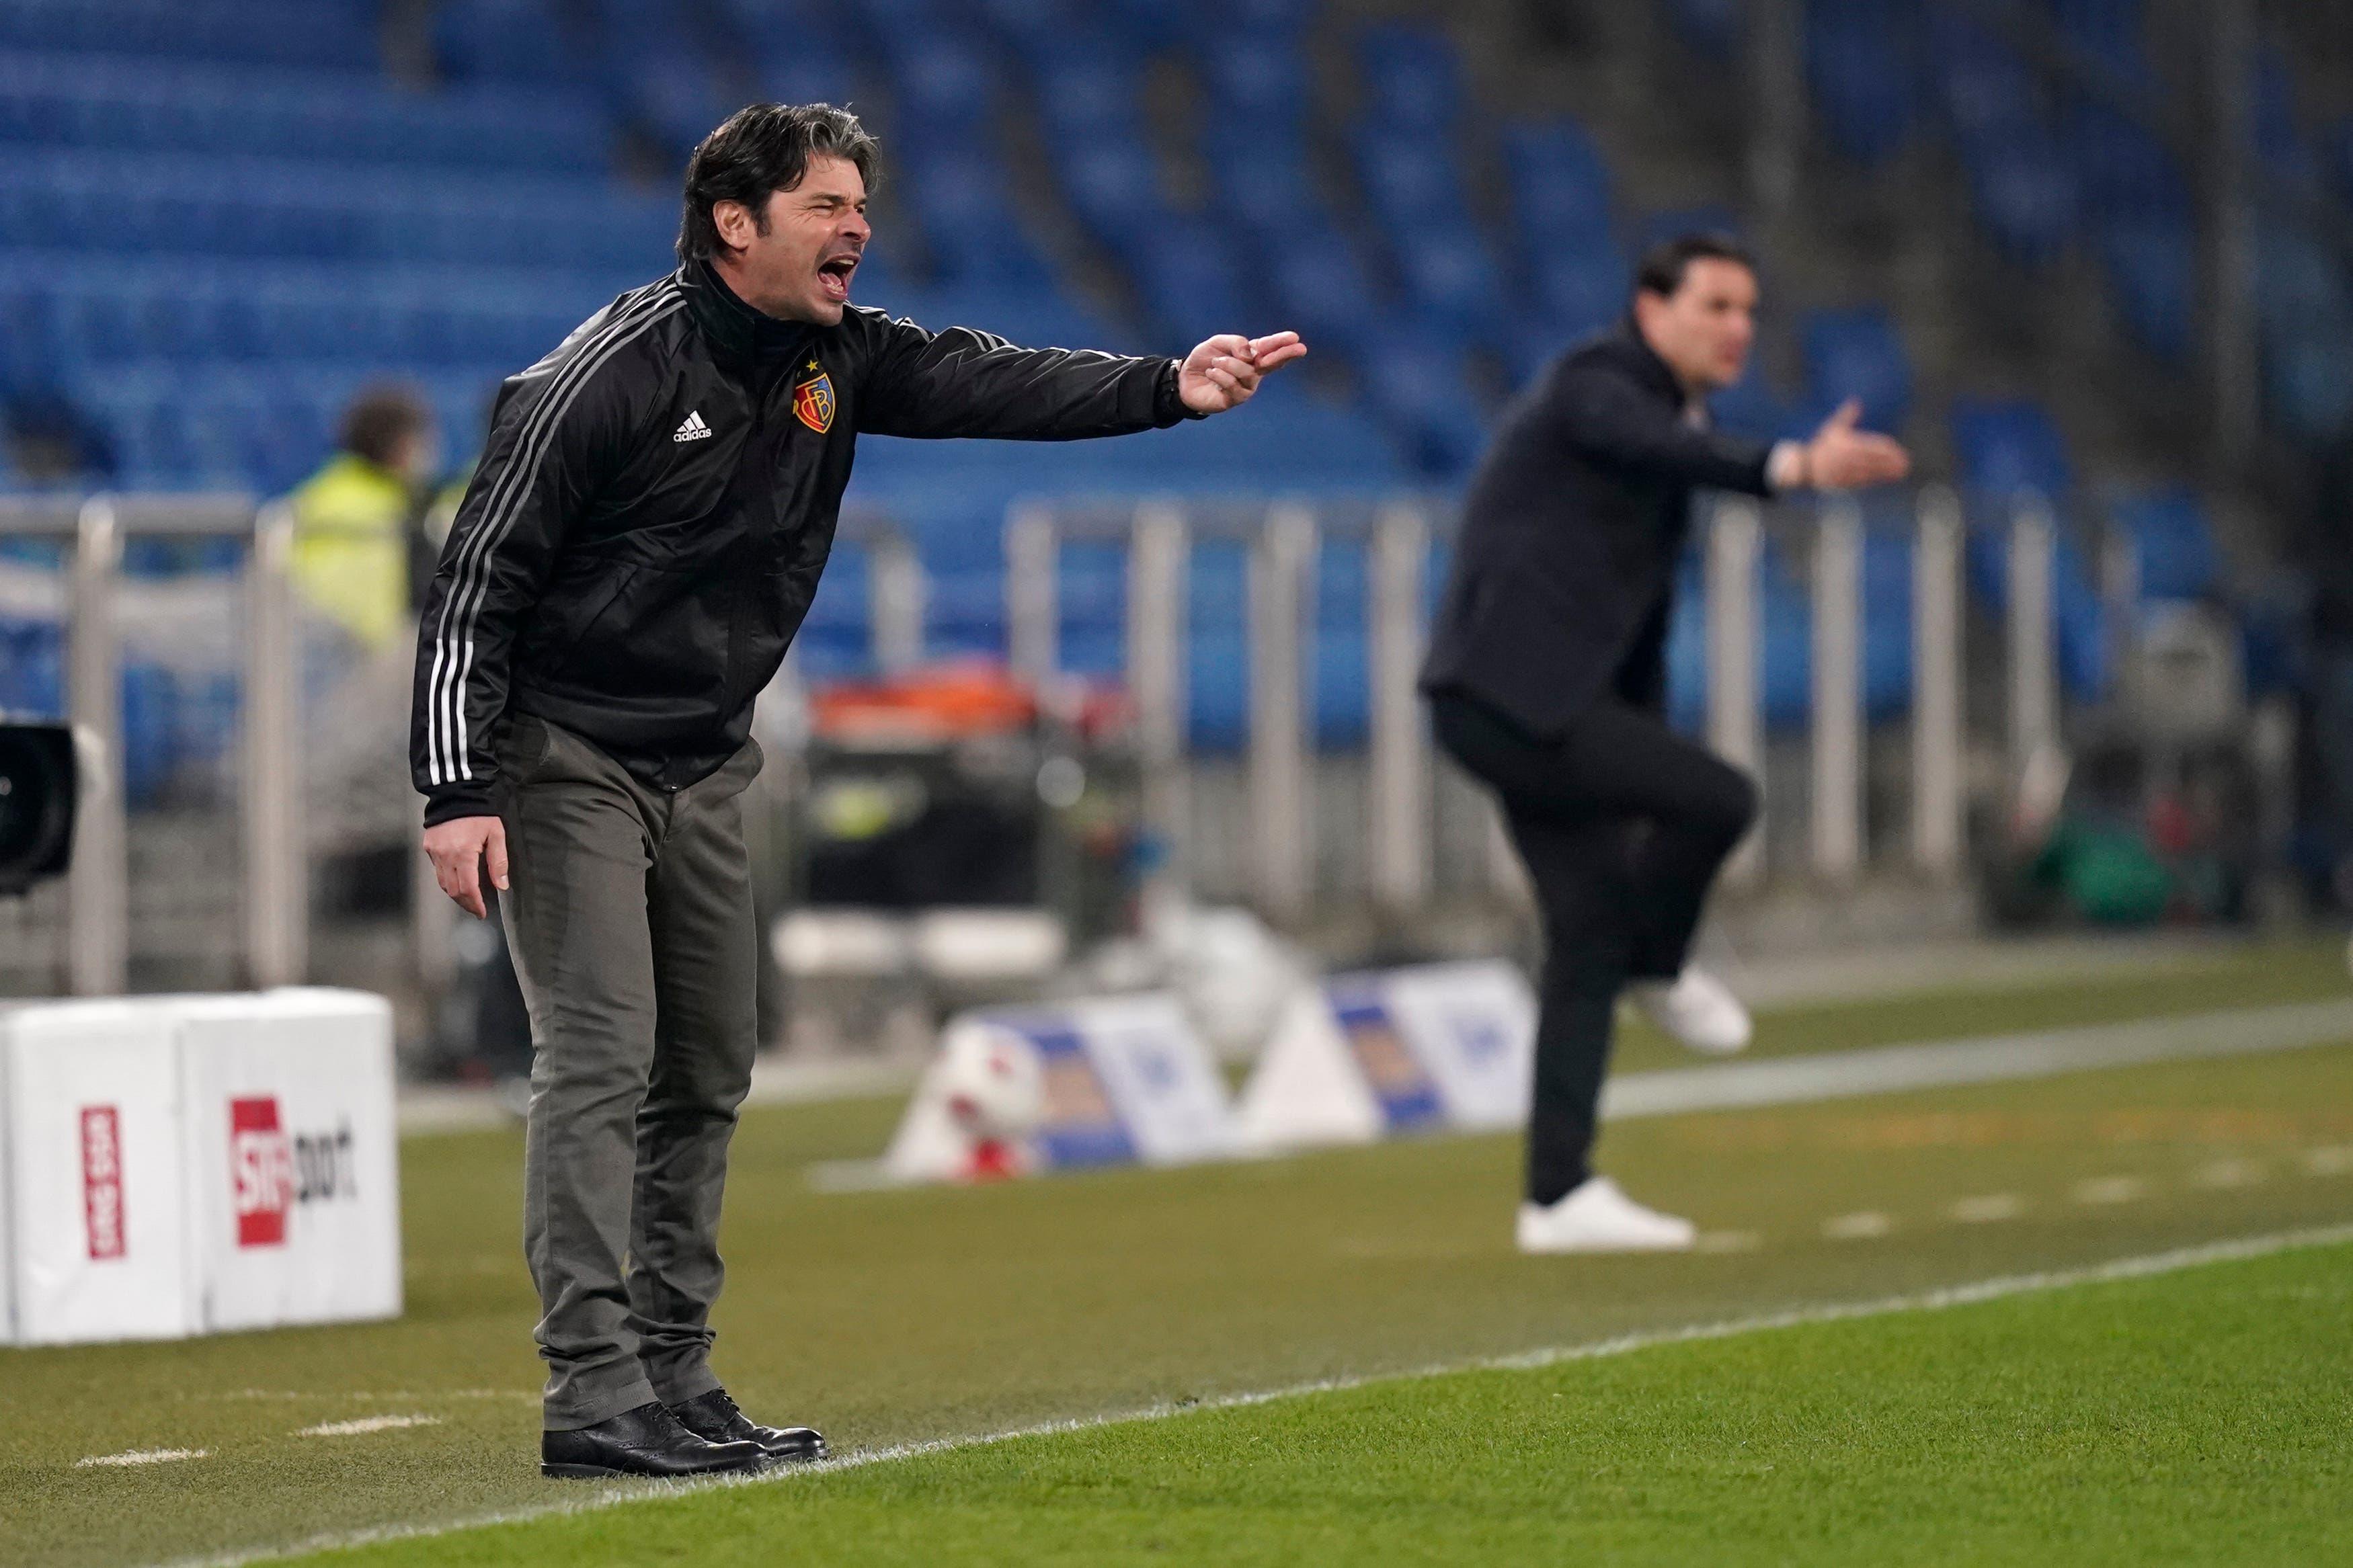 Beide Trainer sehen ein vor allem in der ersten Halbzeit intensives Spiel.